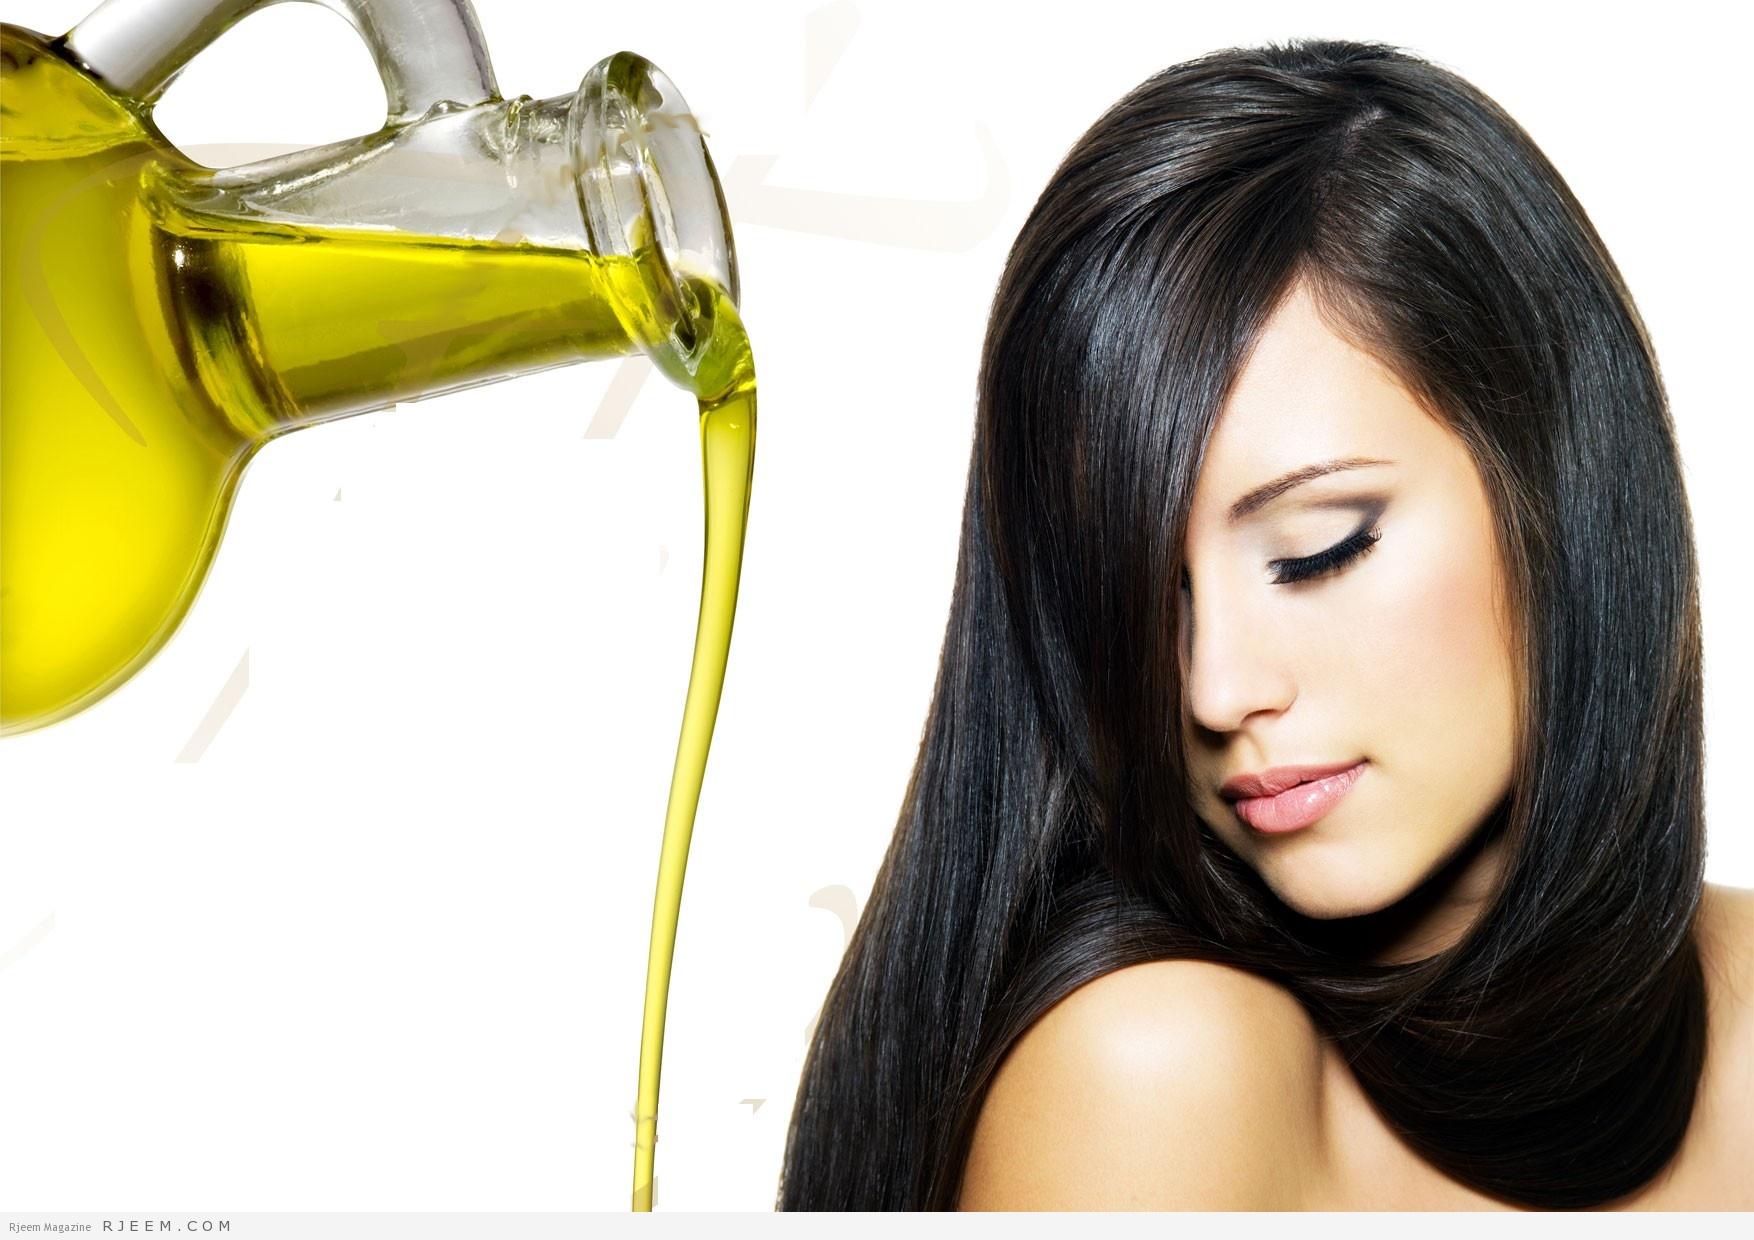 Photo of كم مرة في الأسبوع تحتاجين فيها لوضع الزيت على شعرك؟